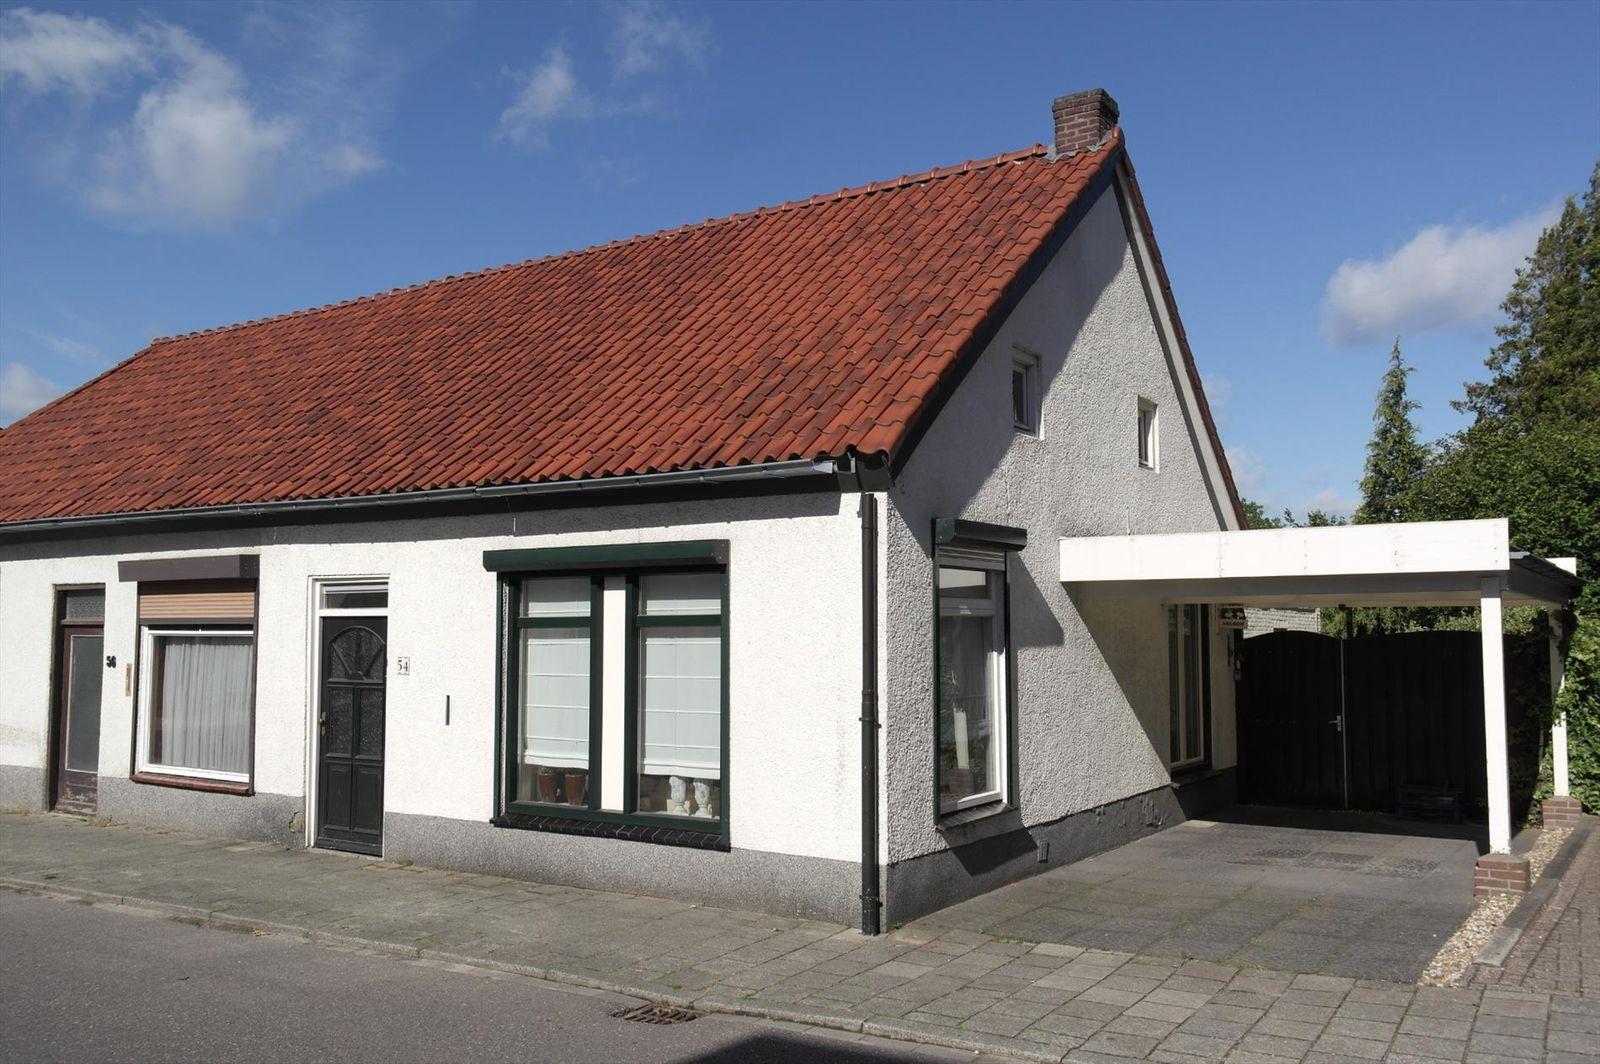 Nieuwstraat 54, Budel